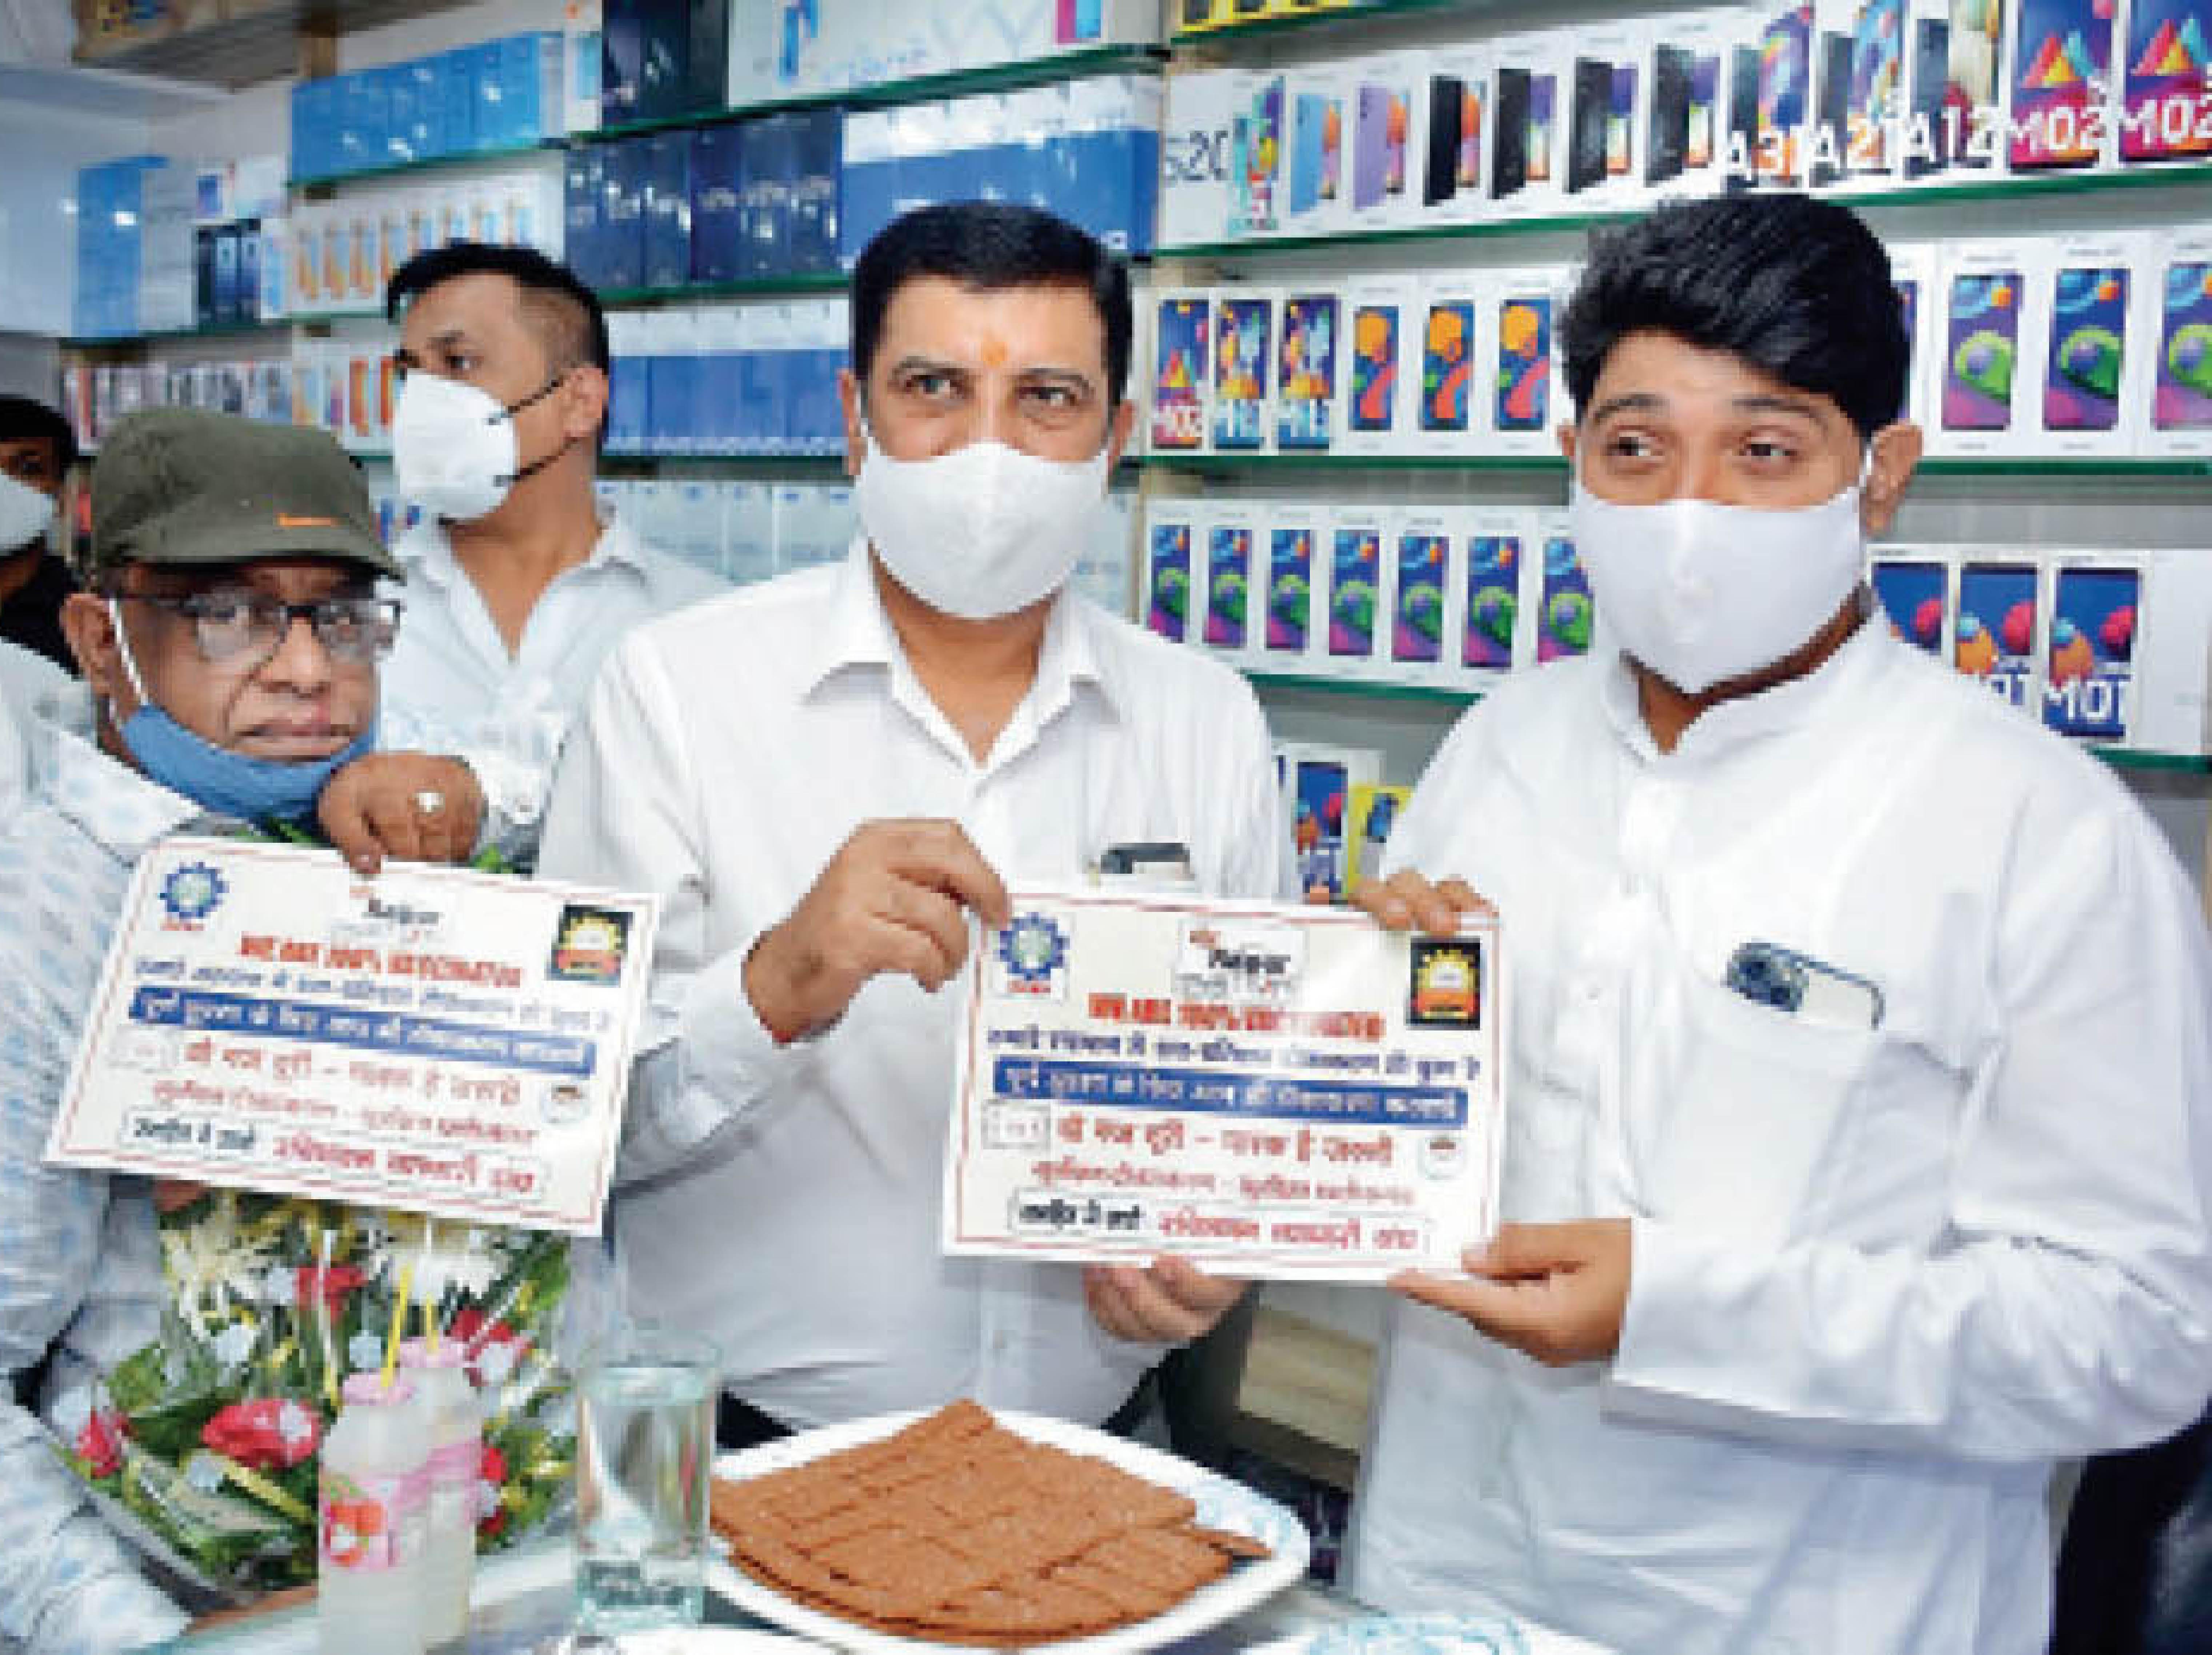 महापौर भी पहुंचे, बांटे प्रमाण पत्र - Dainik Bhaskar